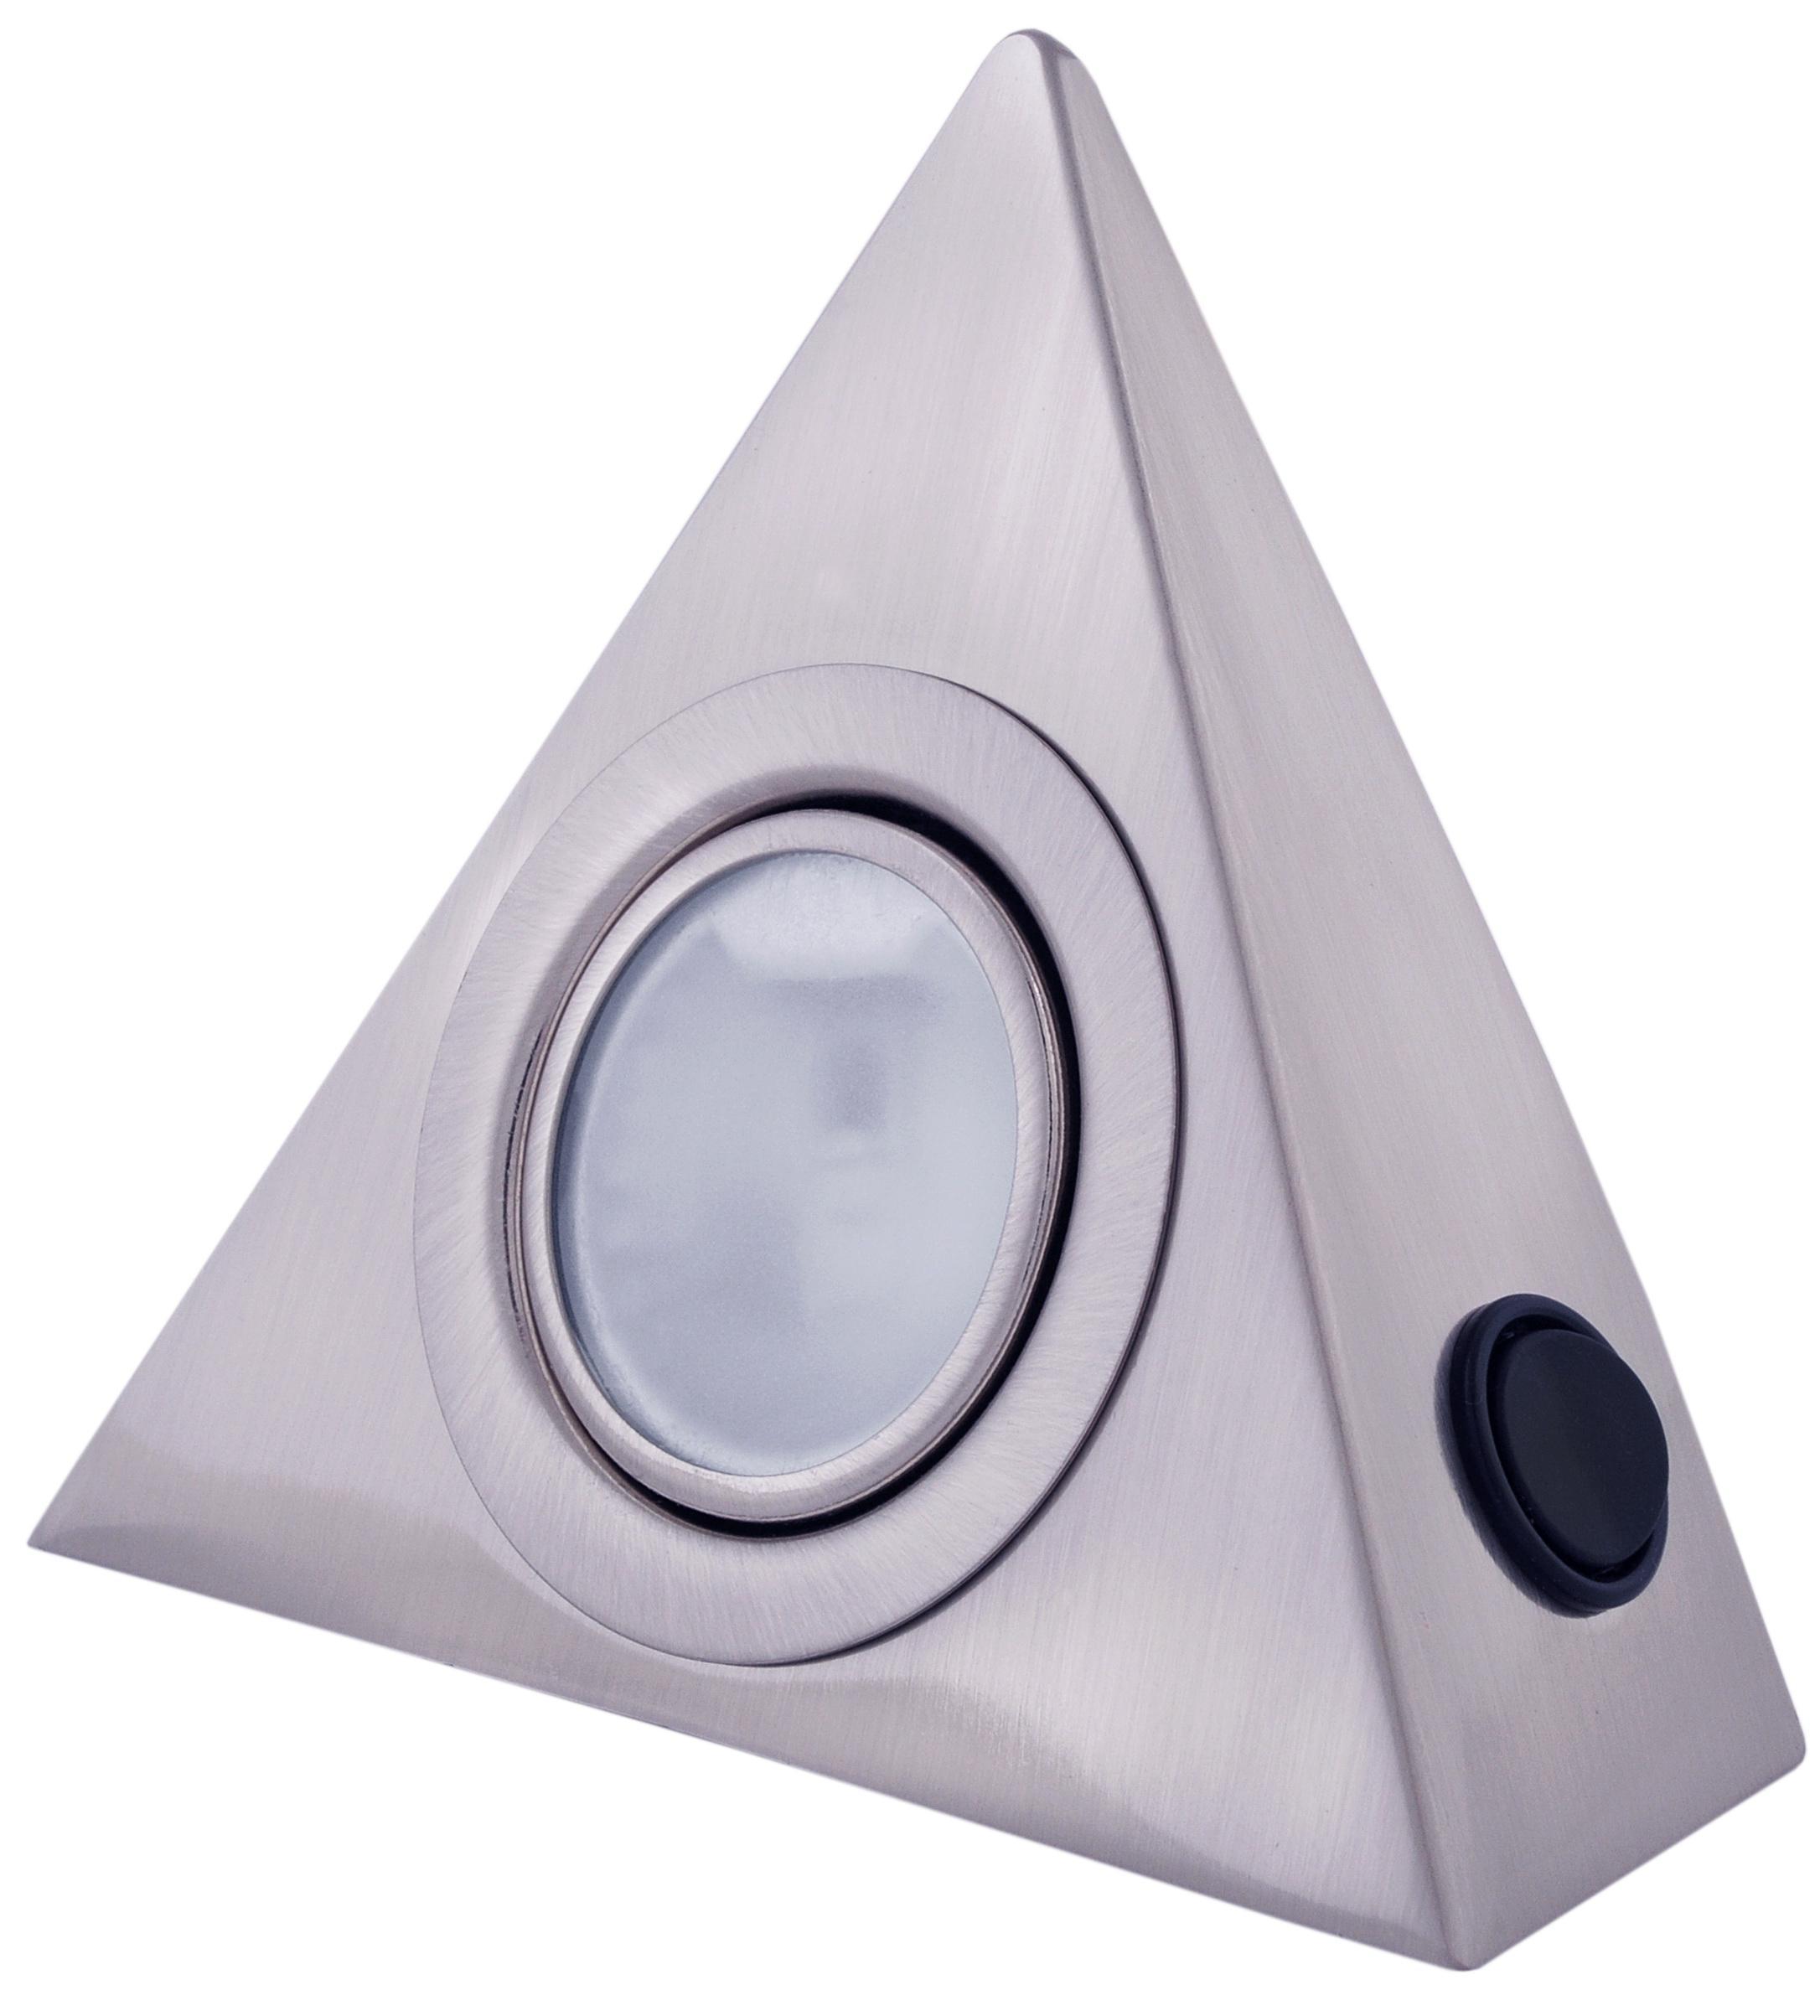 Светильник De fran Ft 9251 sch sw светильник de fran ft 9215 sch m